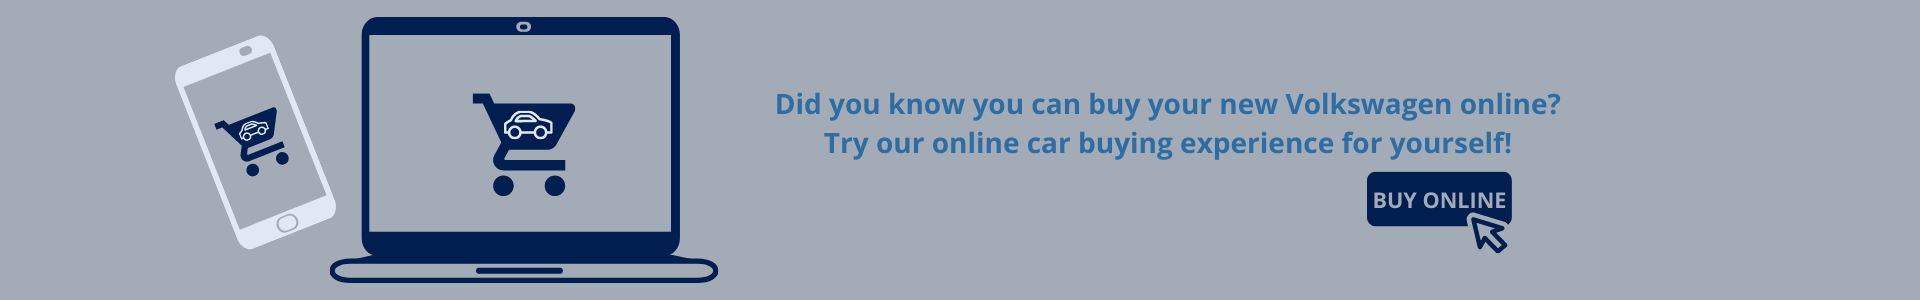 Buy-Online-Banner-MCVW